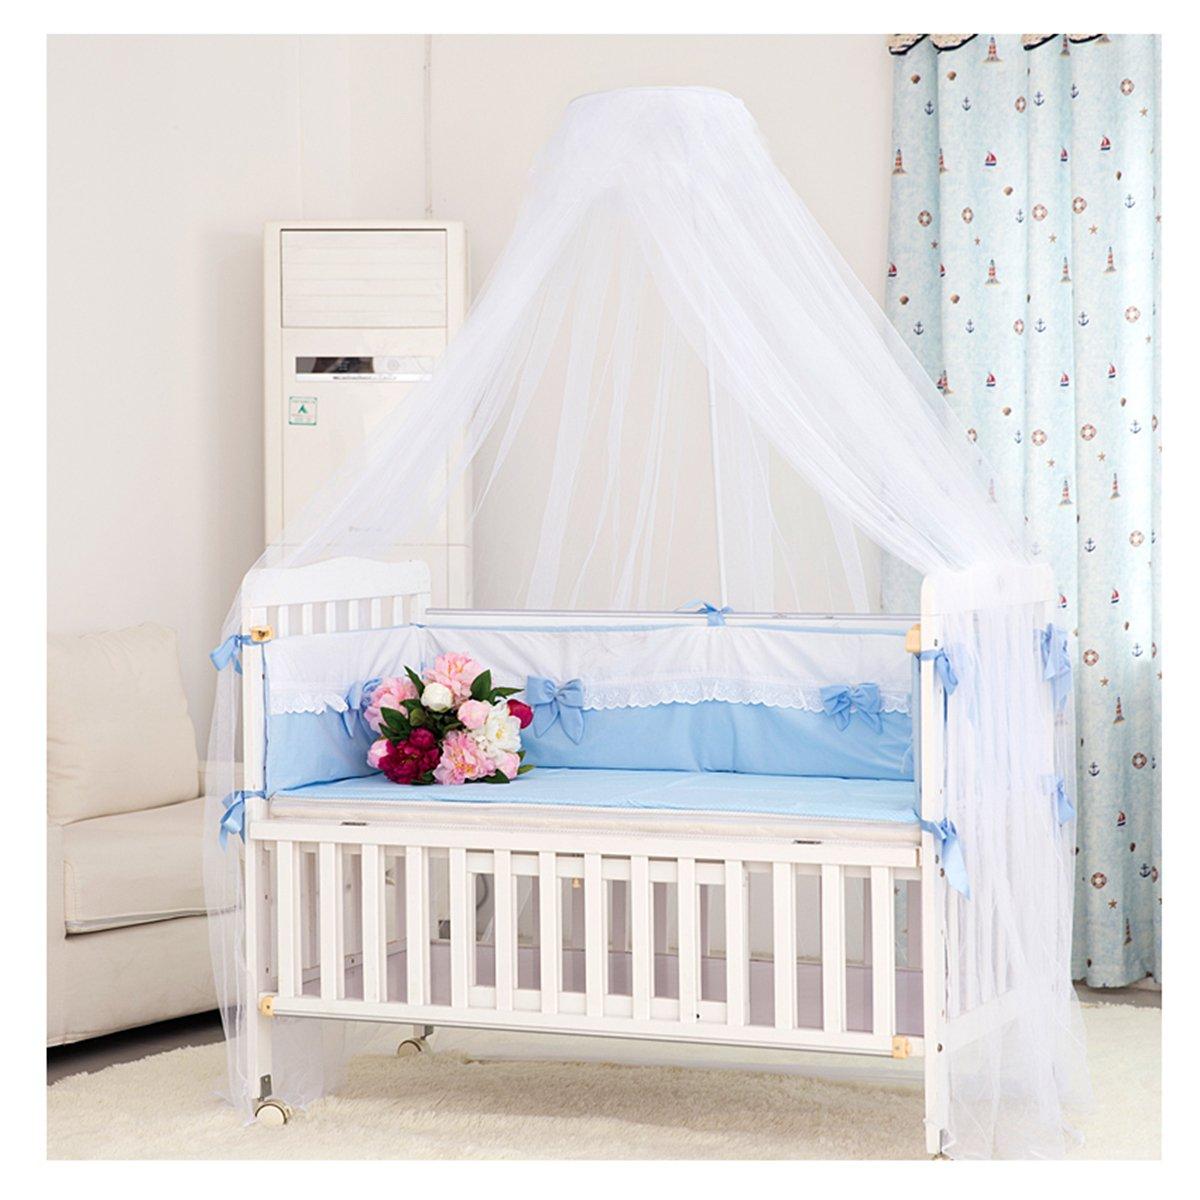 FOXNOVO baldacchino, Zanzariera a tenda per letto per bambino il (bianco)